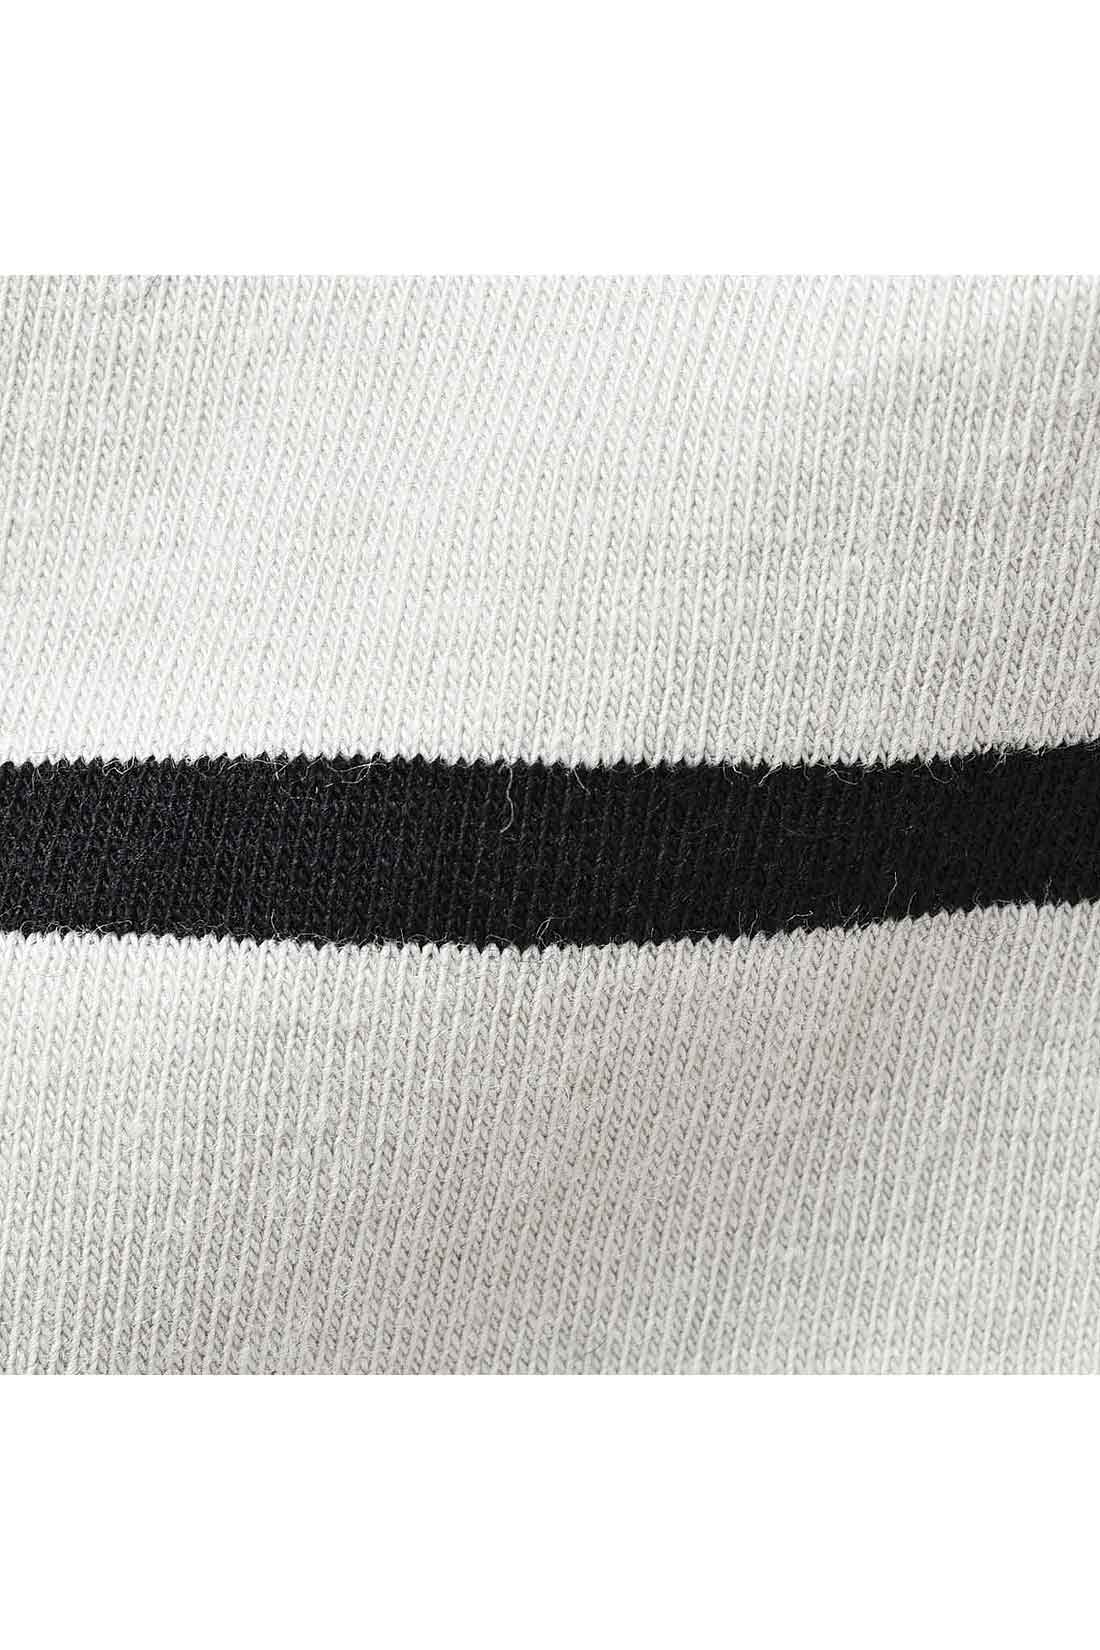 ライトグレイ×ブラックの着やすいボーダー。